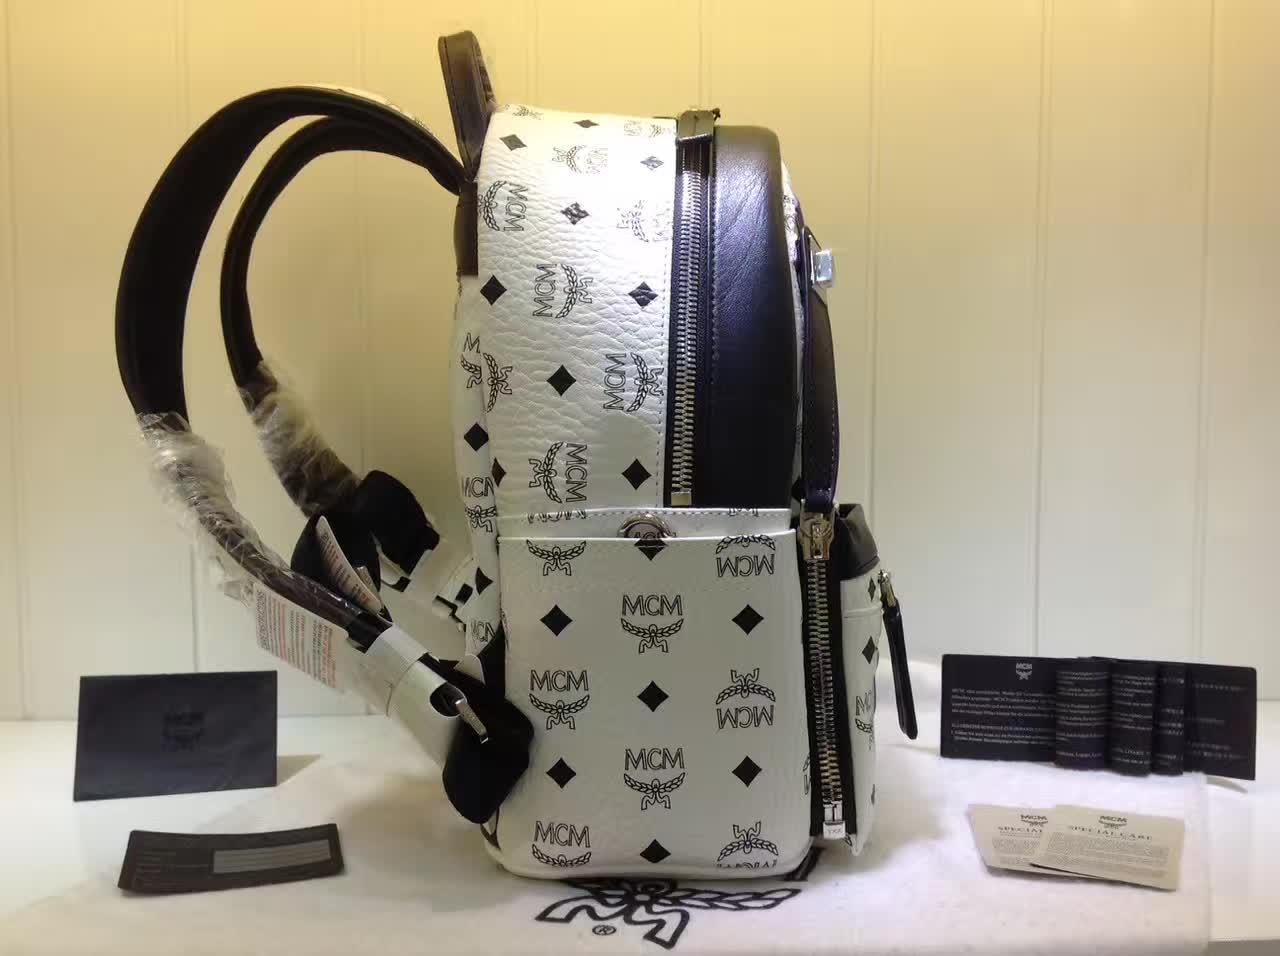 MCM专柜新款 重工个性闪电镭射设计子母包 柔软肩带全皮内里 白色